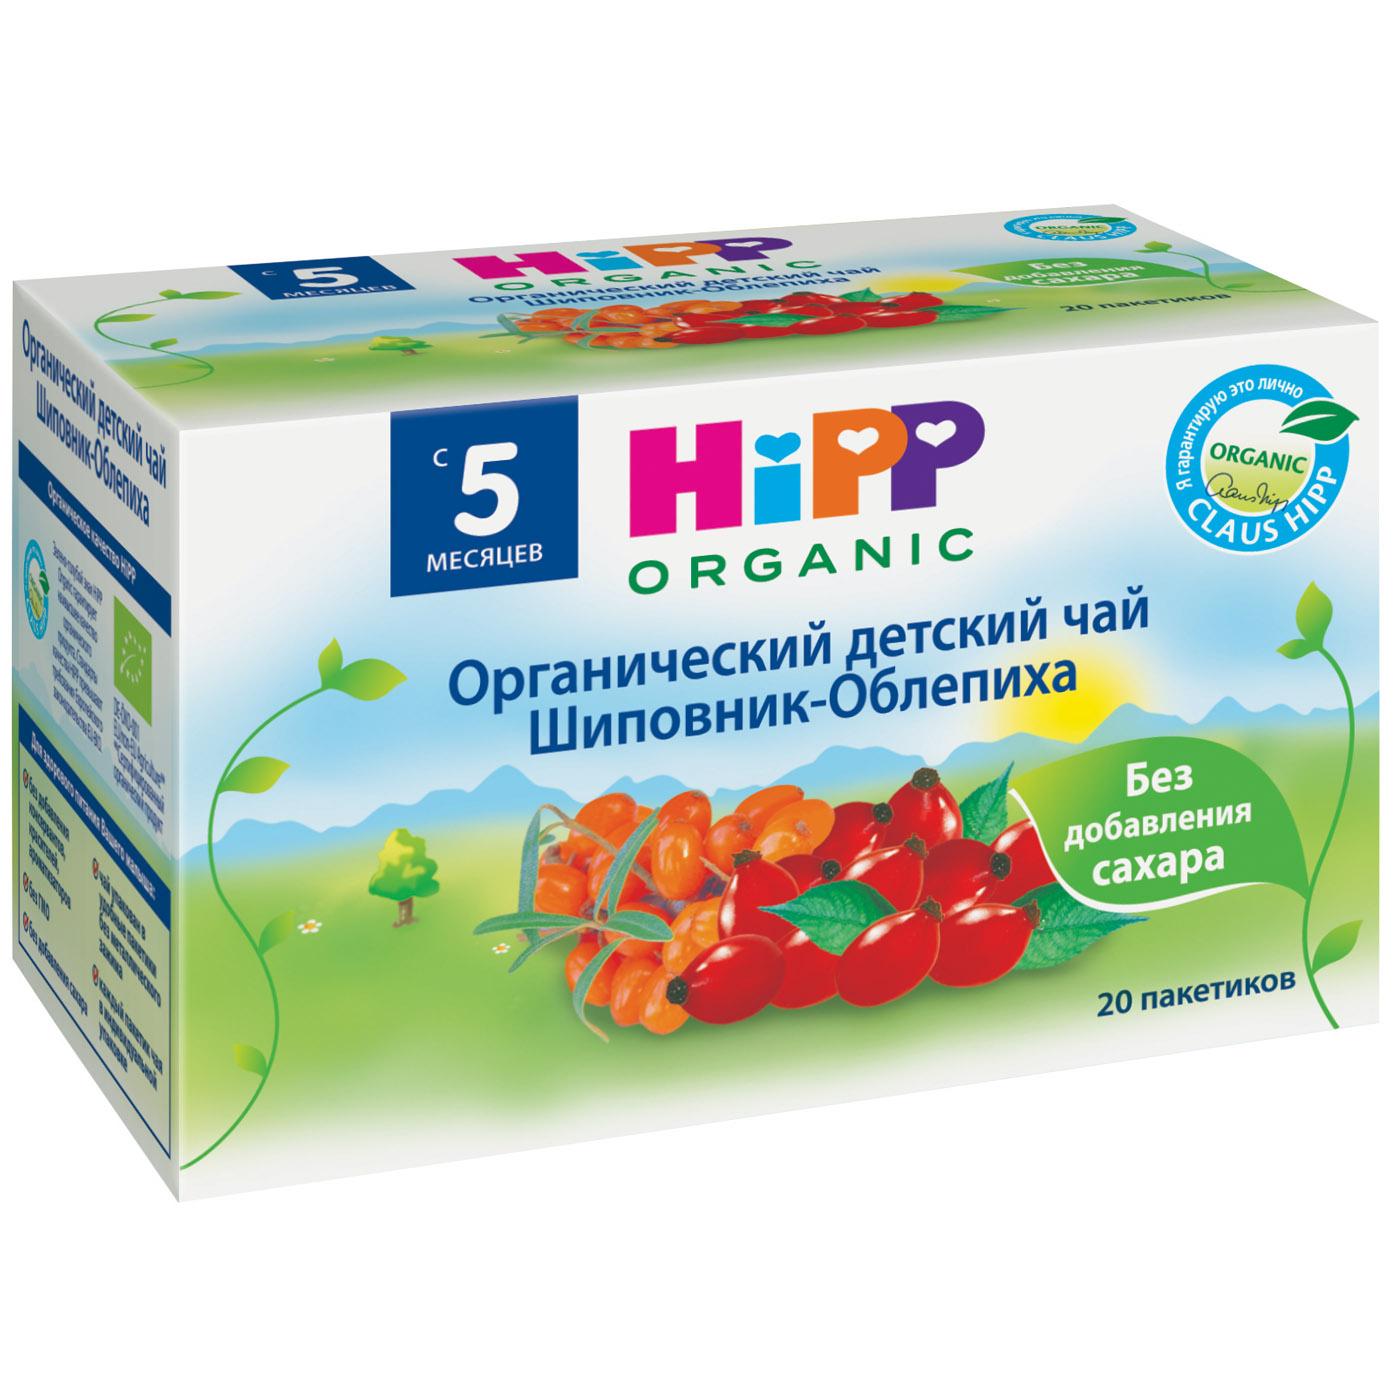 Чай детский Hipp органический 30 гр (20 пакетиков) Шиповник облепиха (с 5 мес)<br>